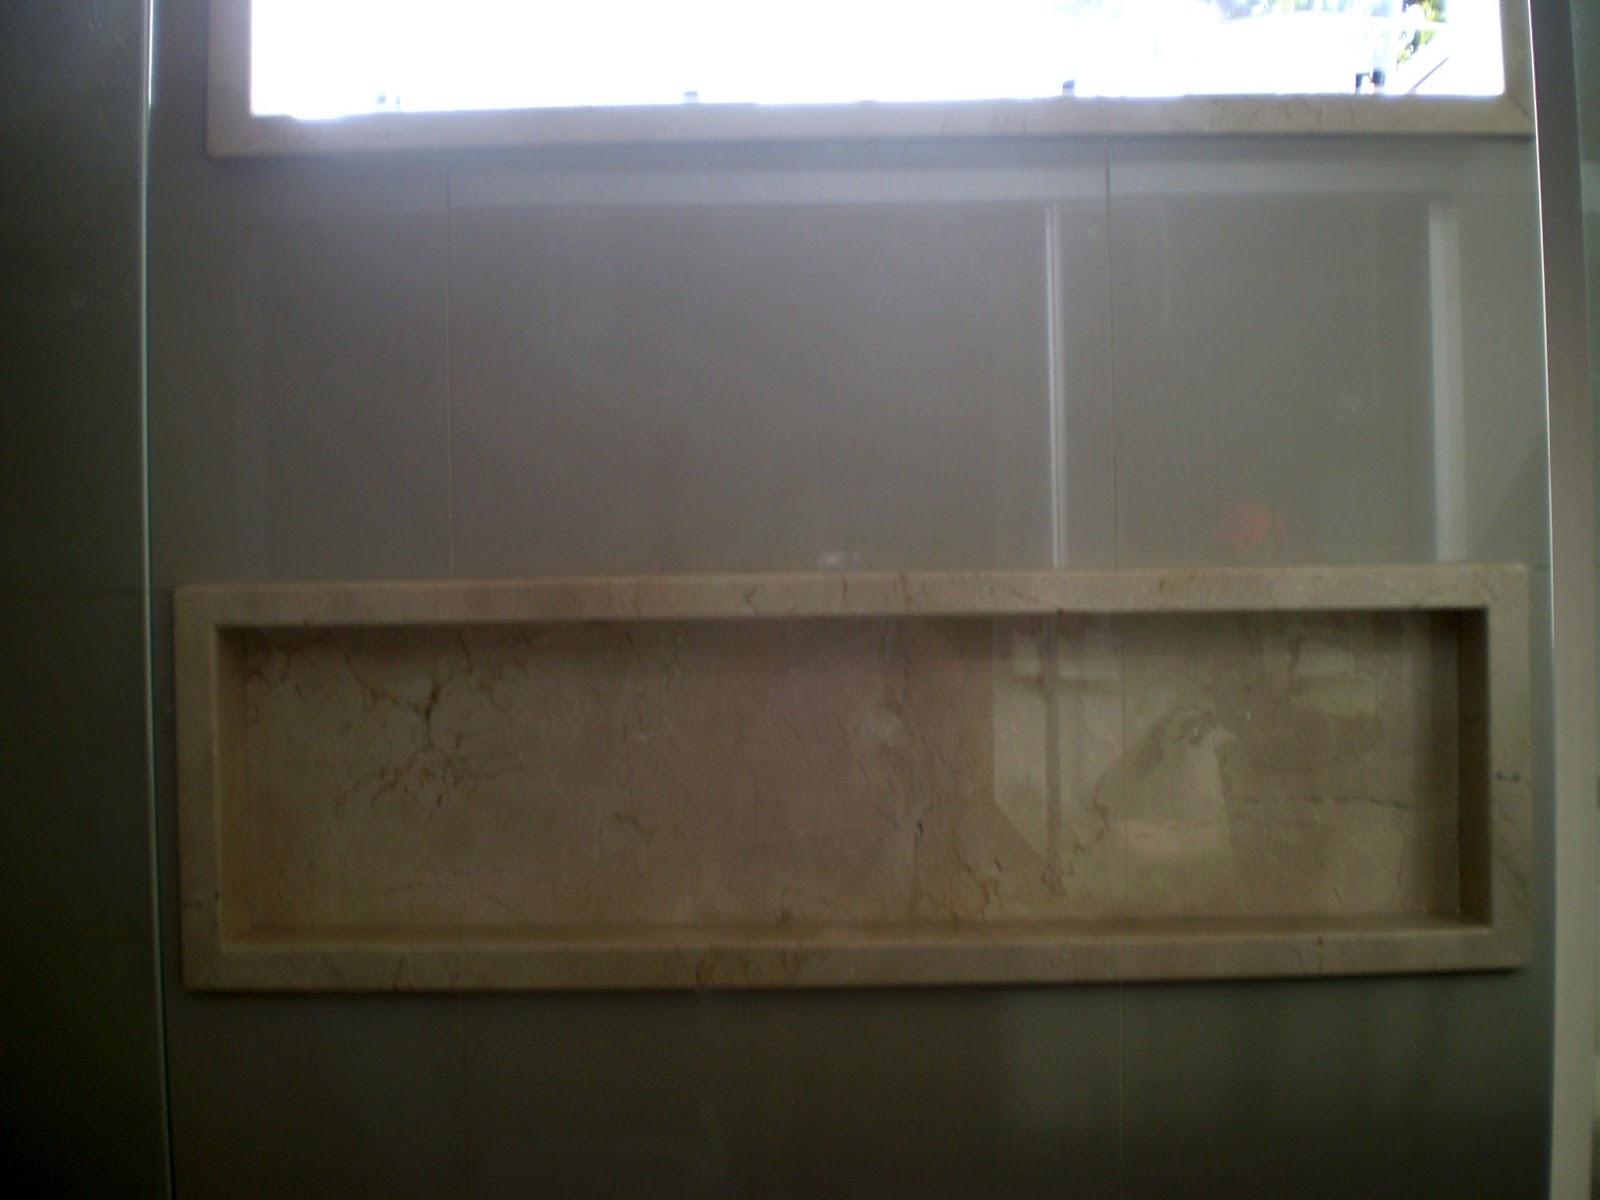 beiradinha bordas em meia esquadrilha nos nichos a nas janelas #485783 1600x1200 Altura Minima Janela Banheiro